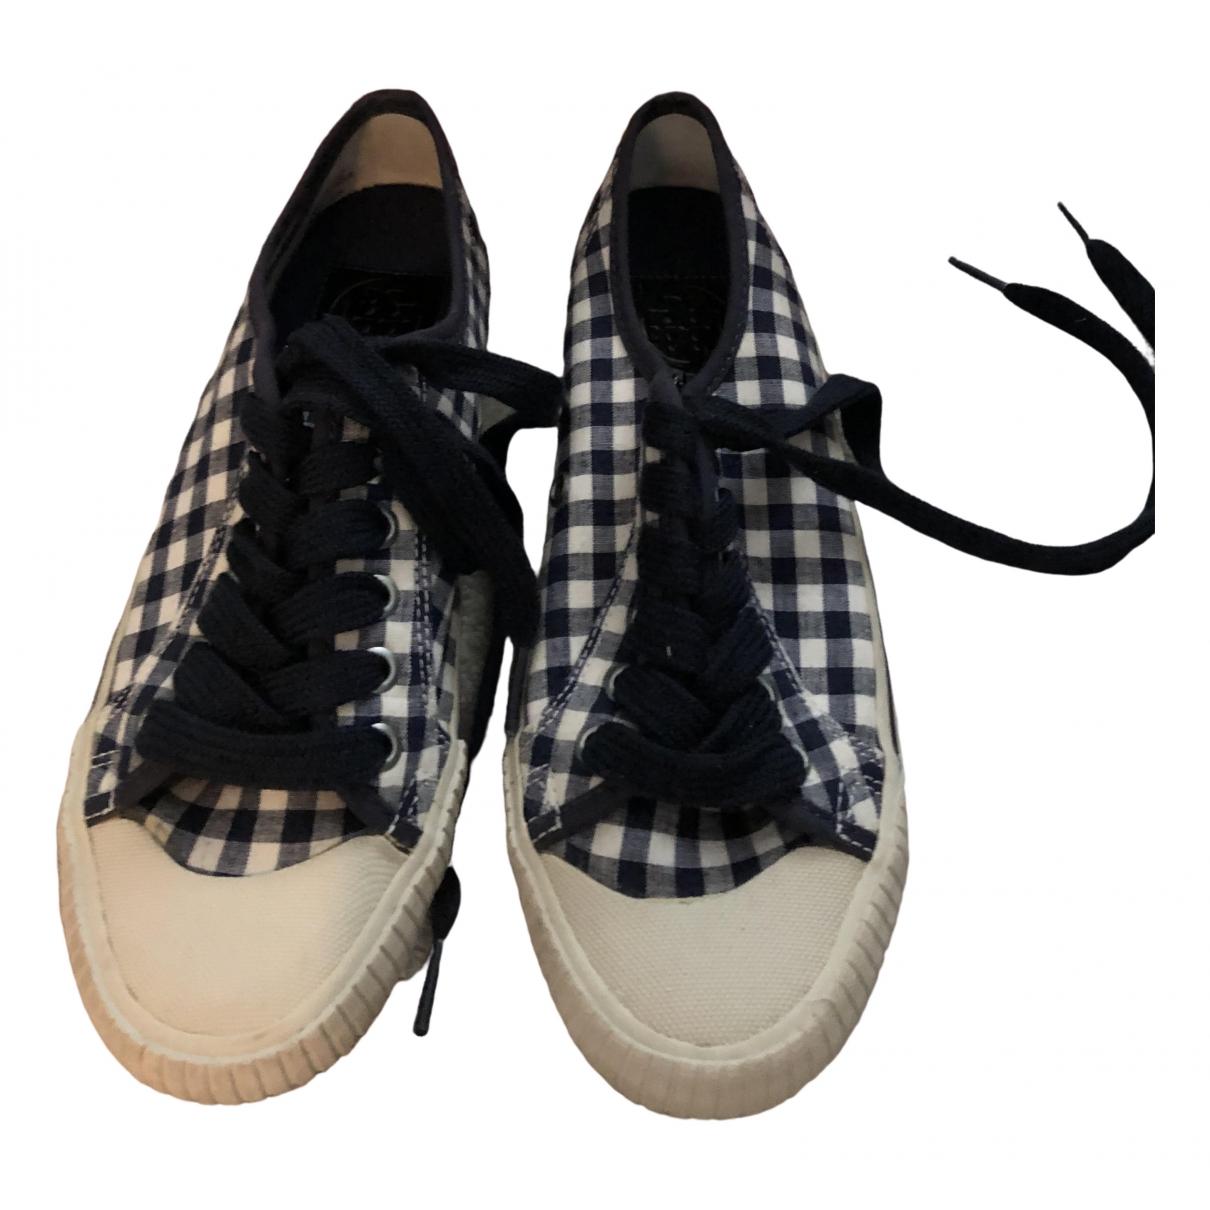 Tory Burch \N Sneakers in  Blau Leinen